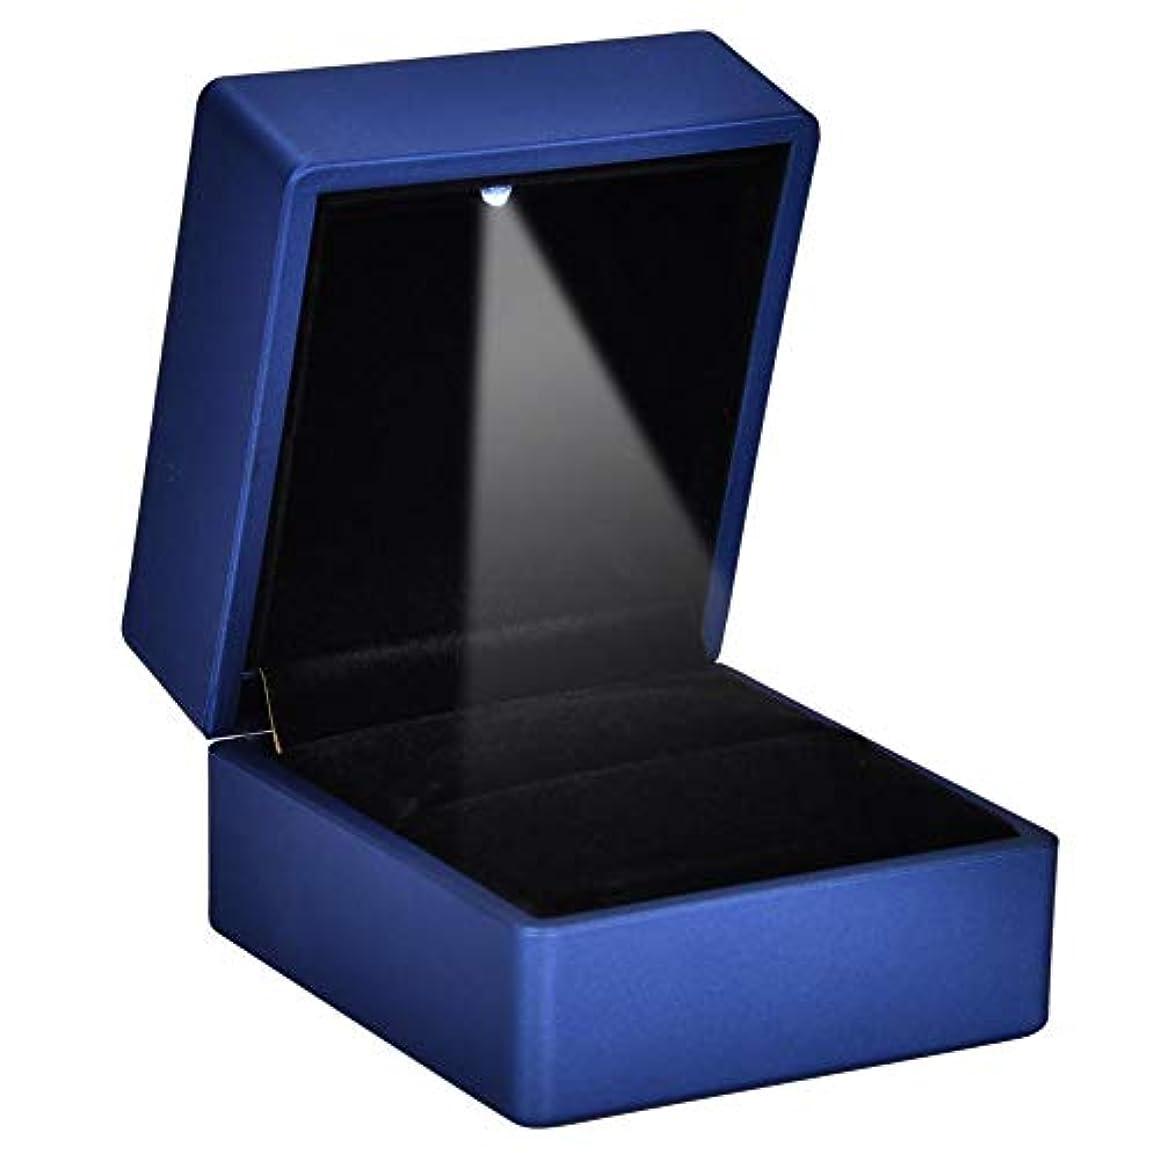 警告雰囲気作成する2種類ファッショナブルなLEDリングボックス - 内部LED照明付きリングケース、ジュエリーホルダーリング収納ケース、結婚式の提案(ブルー-90 * 70 * 35)